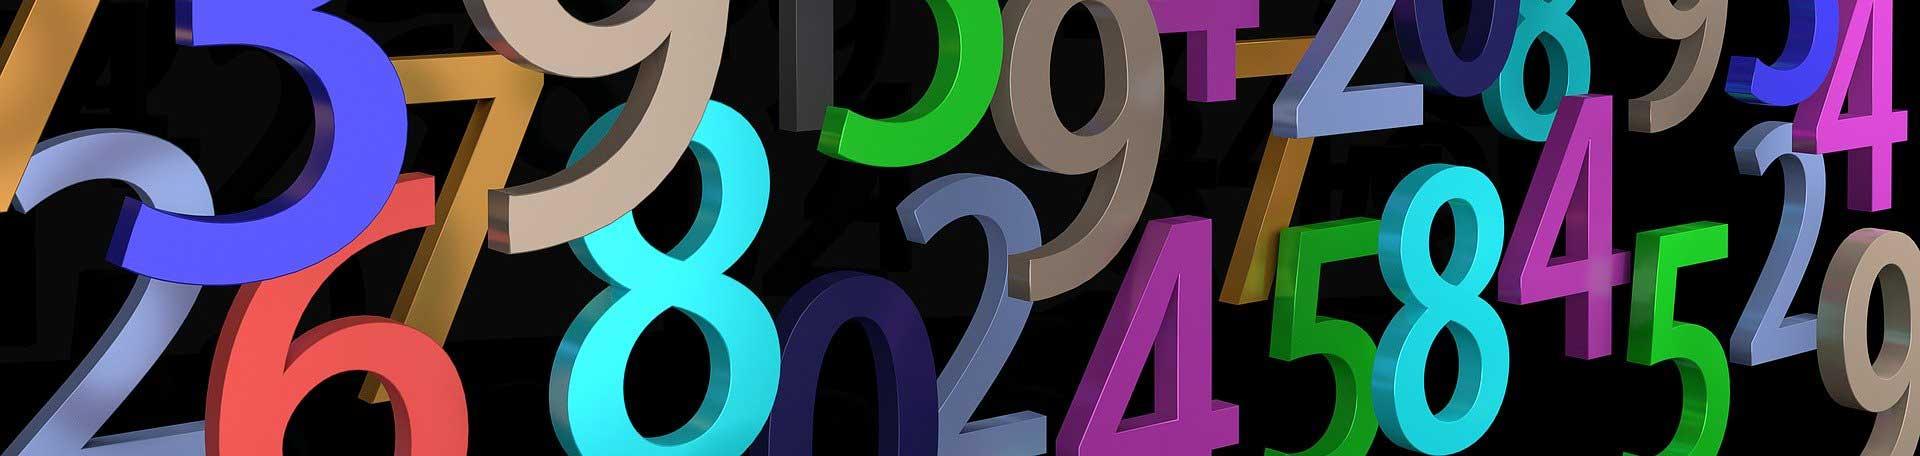 Zahlen denken - Kleines Boomwhackers Spiel ab 2 Personen 3